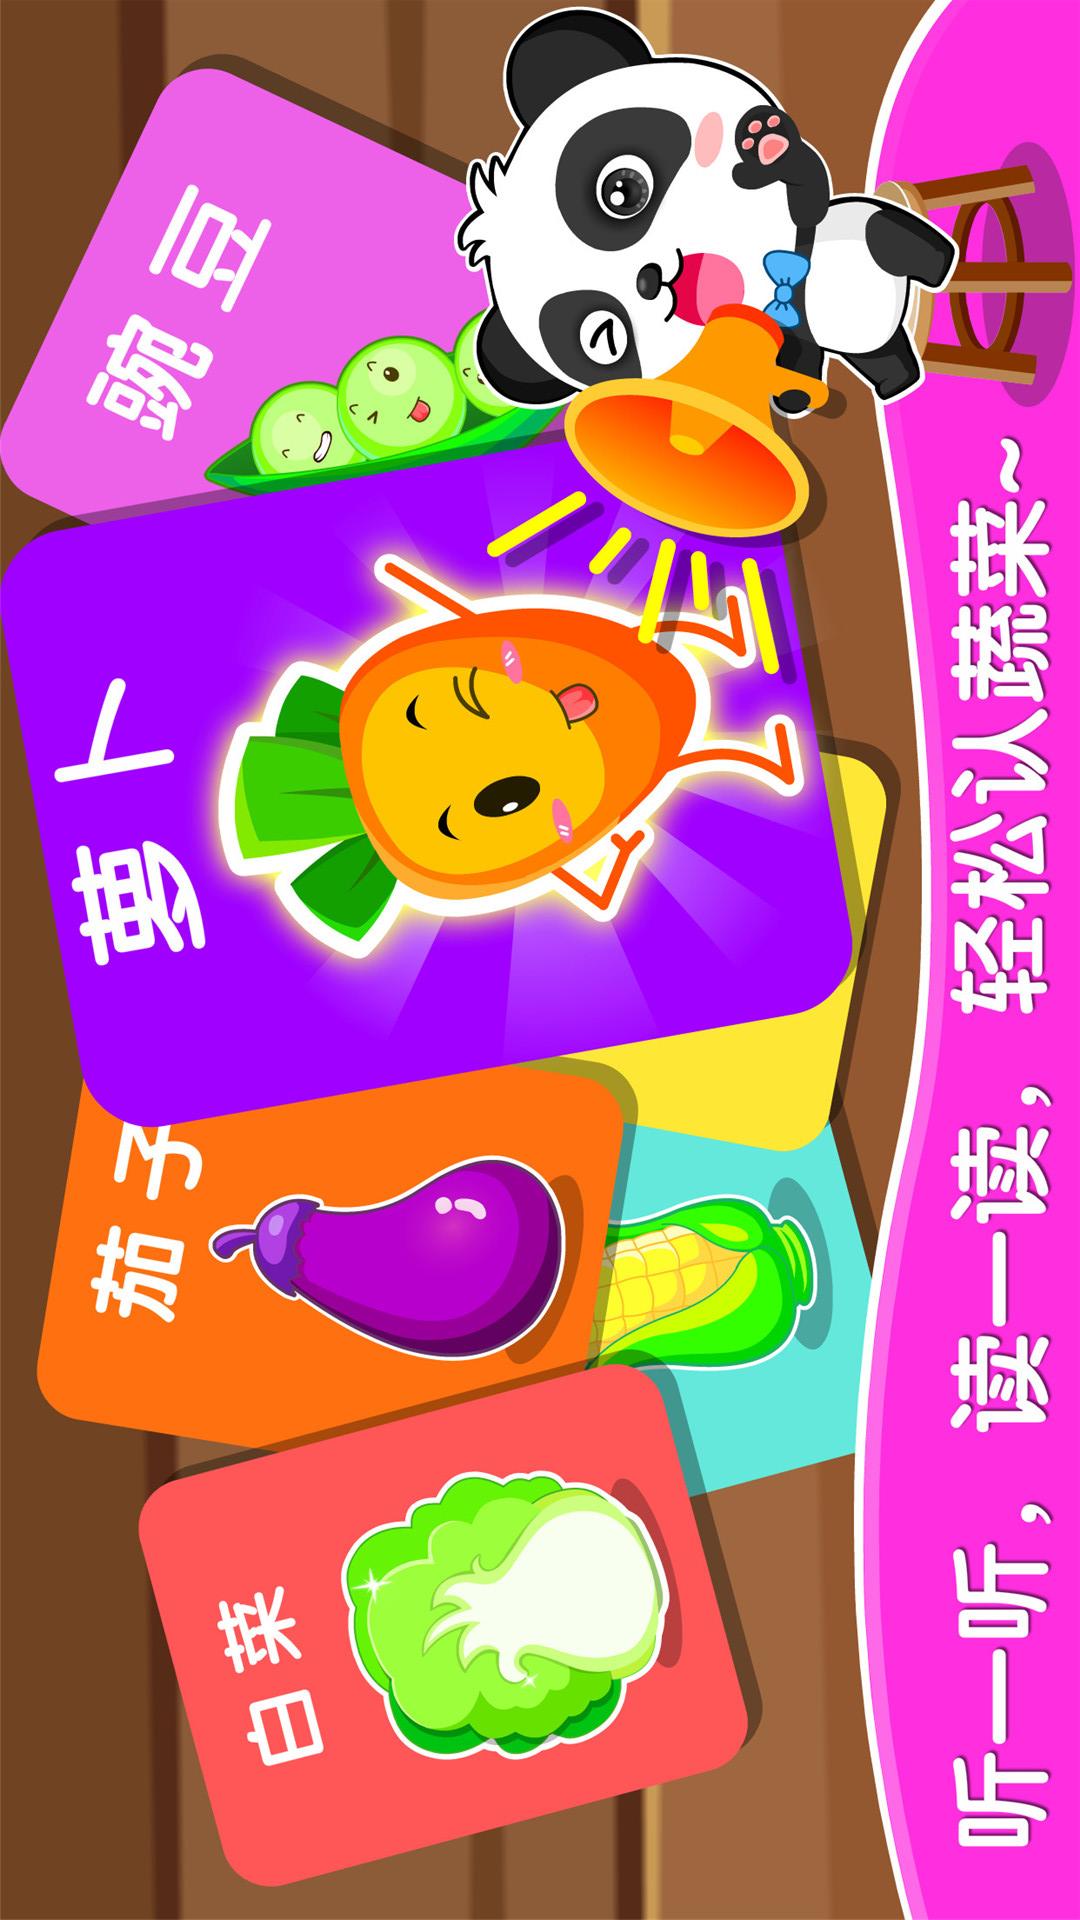 宝宝学蔬菜-宝宝巴士-应用截图